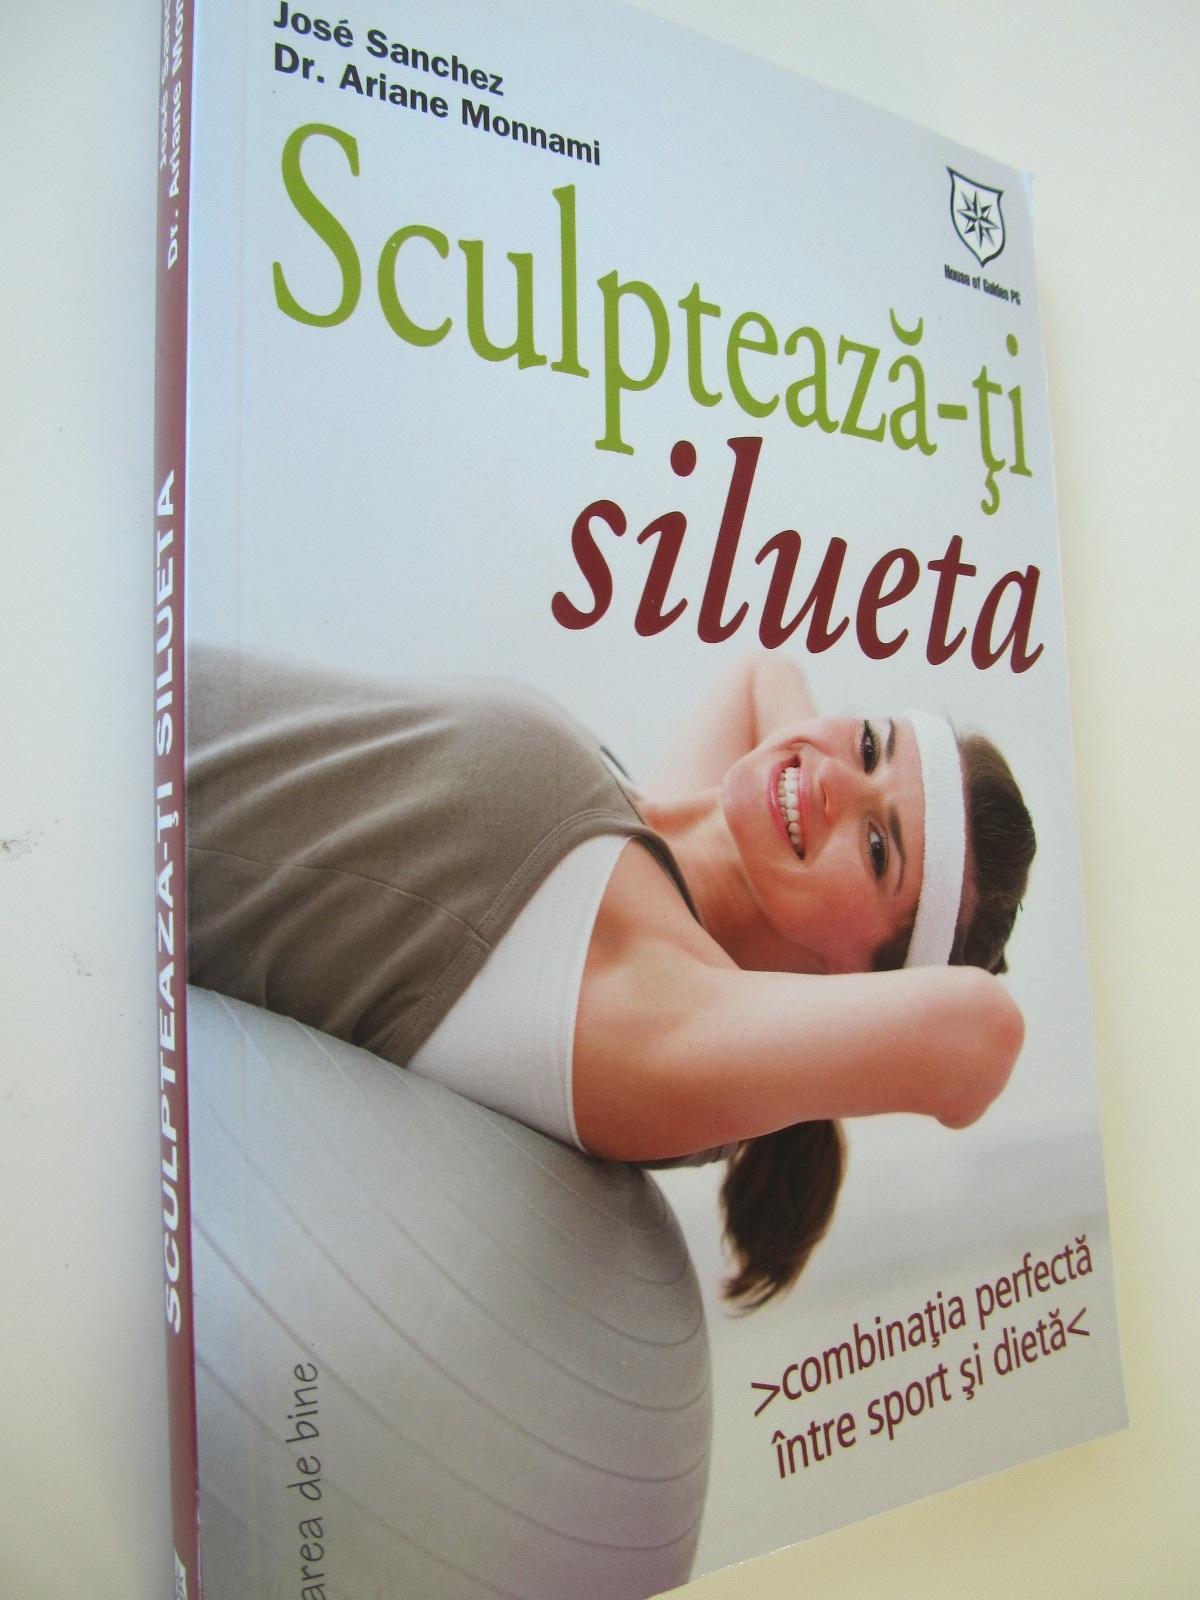 Sculpteaza -ti silueta - Jose Sanchez , dr.Ariane Monnami | Detalii carte